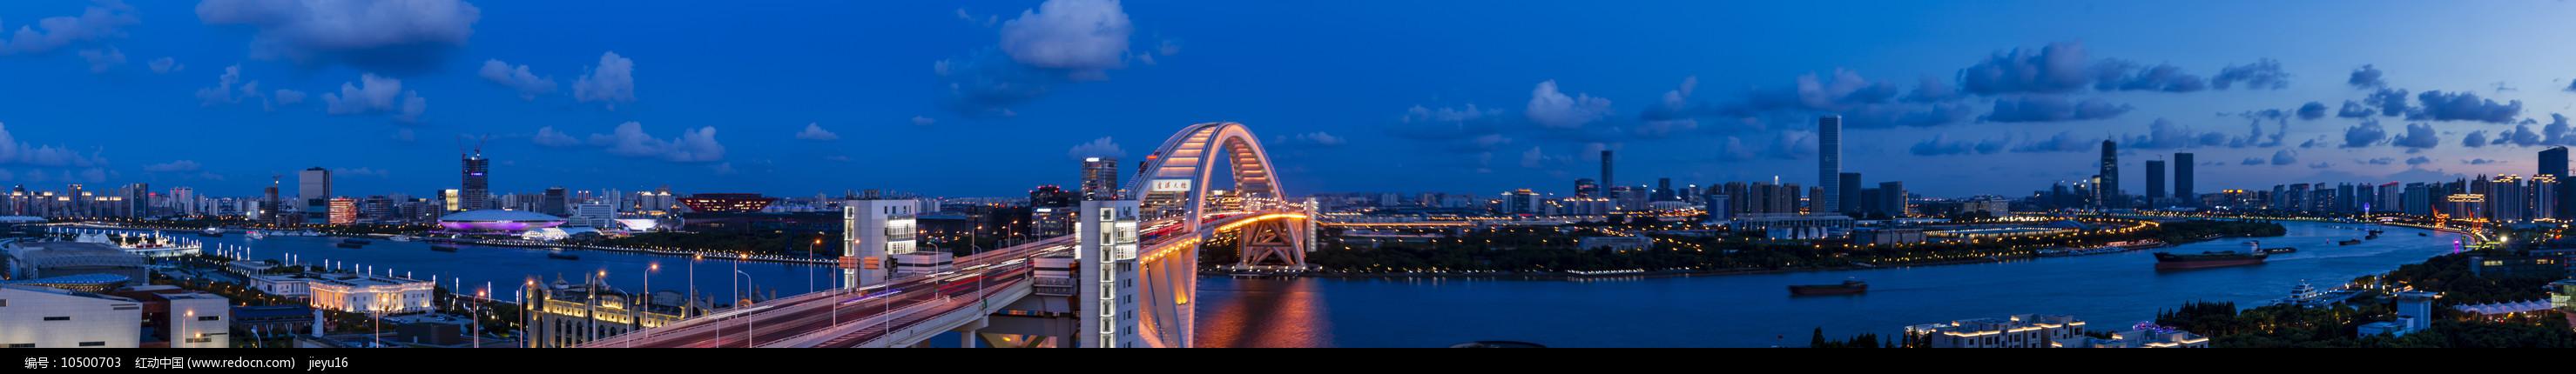 上海黄浦江两岸卢浦段夜景全景图片